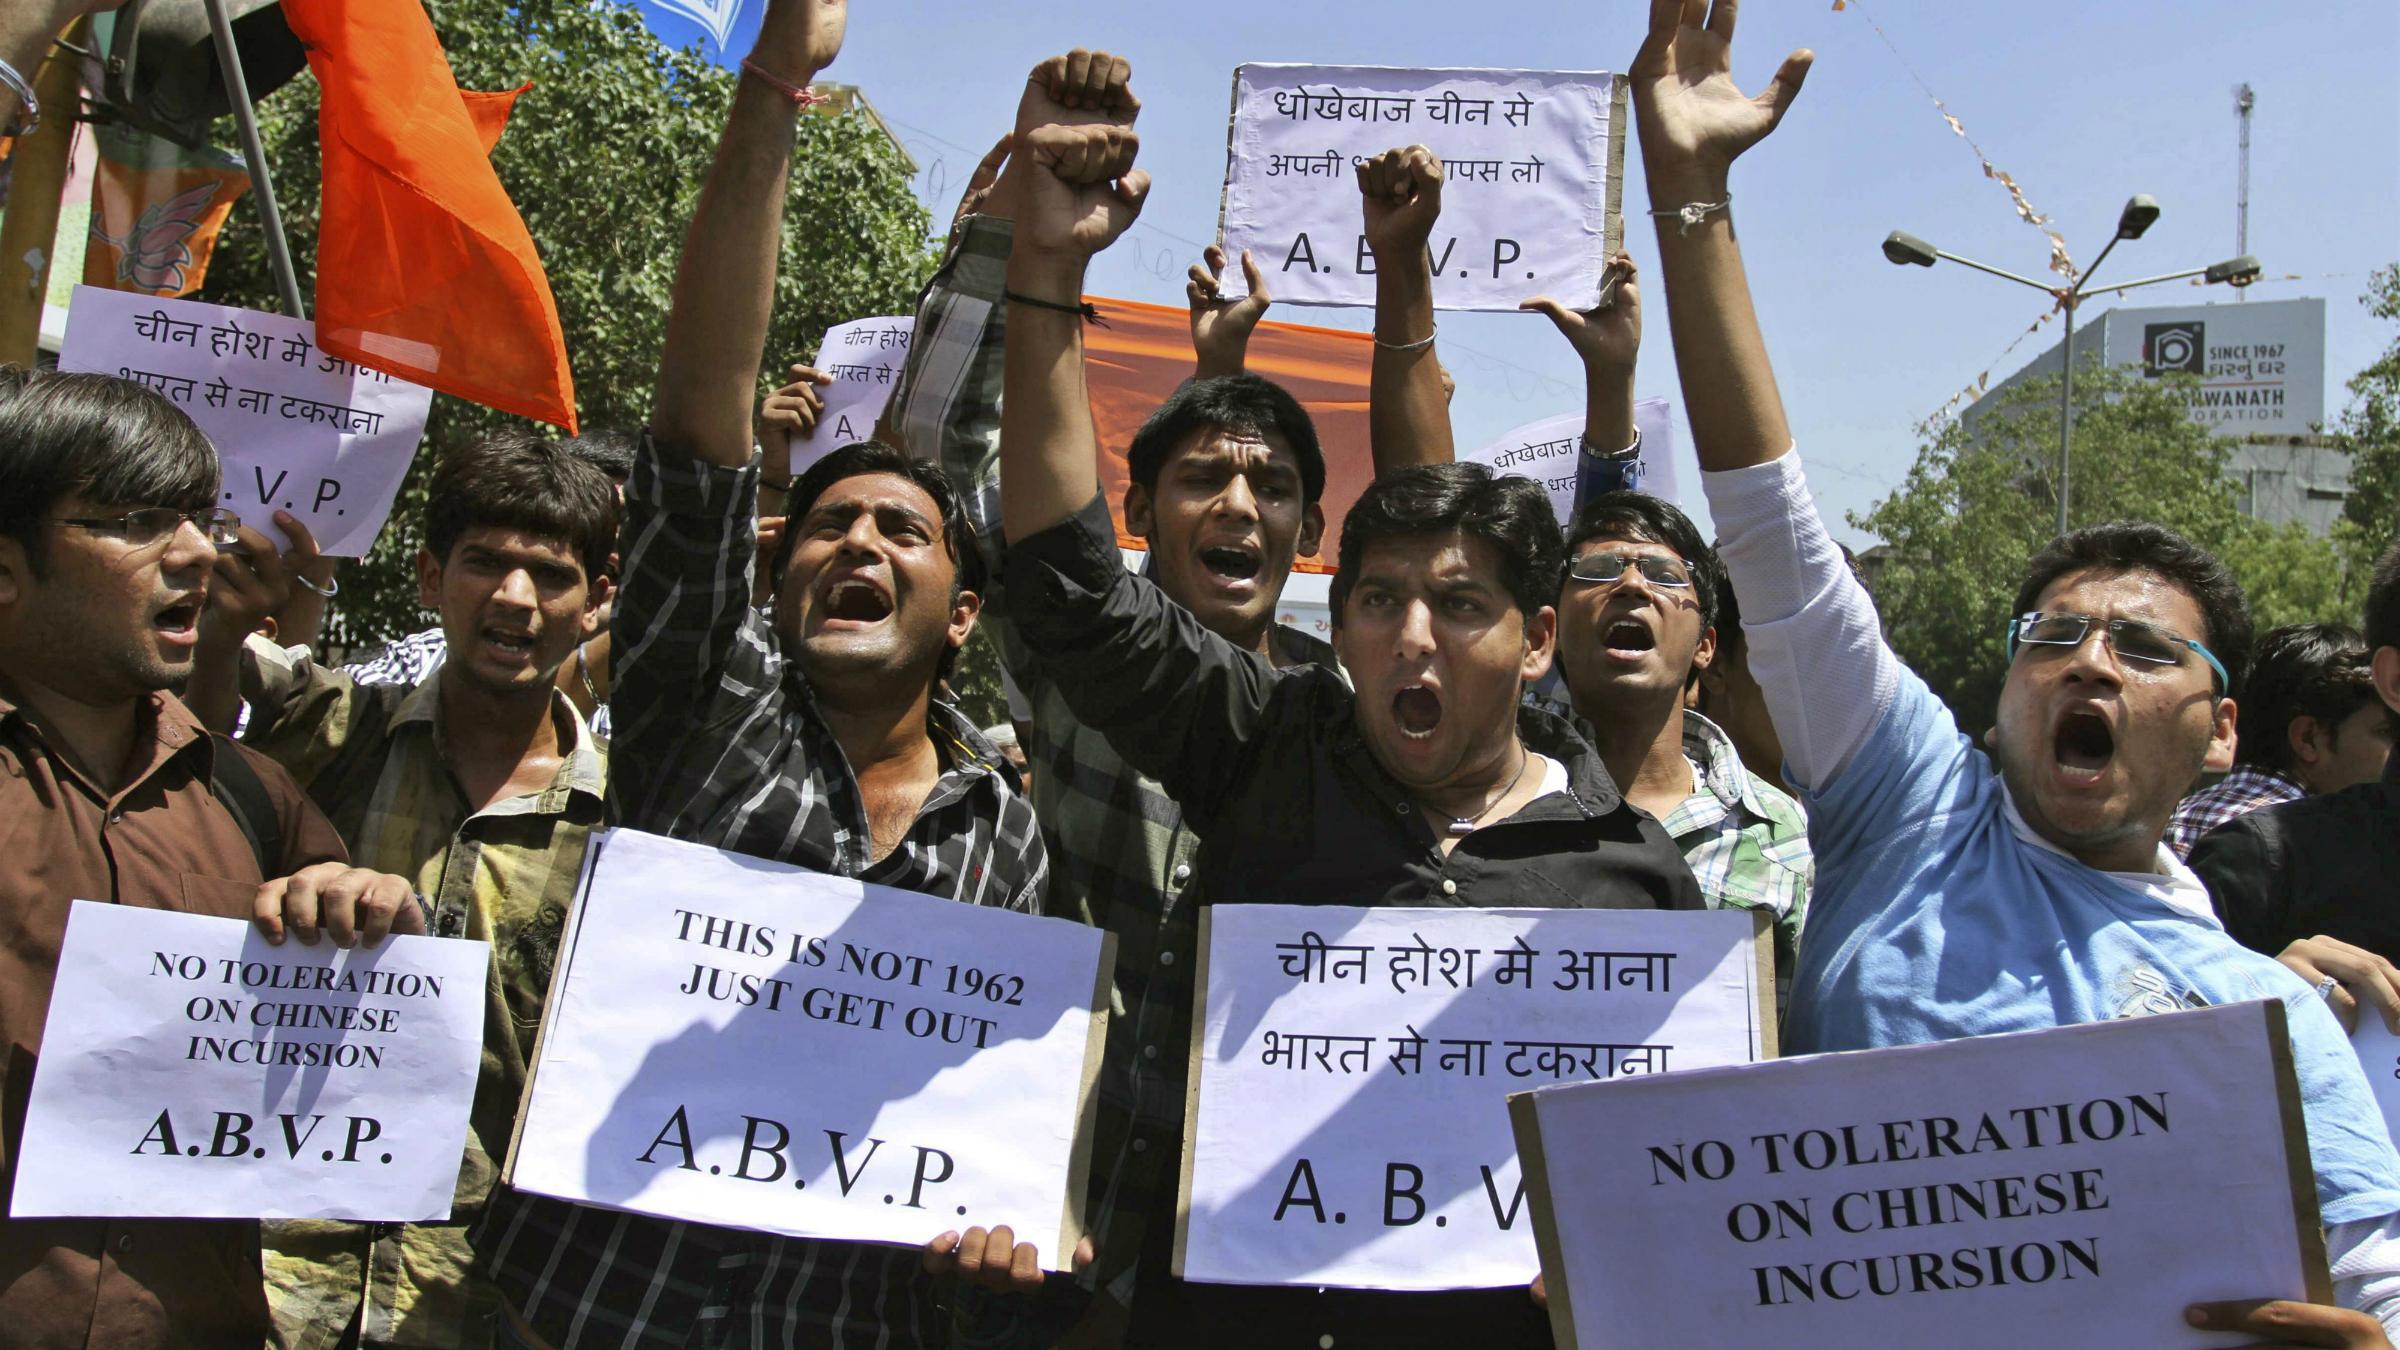 India-China border protests